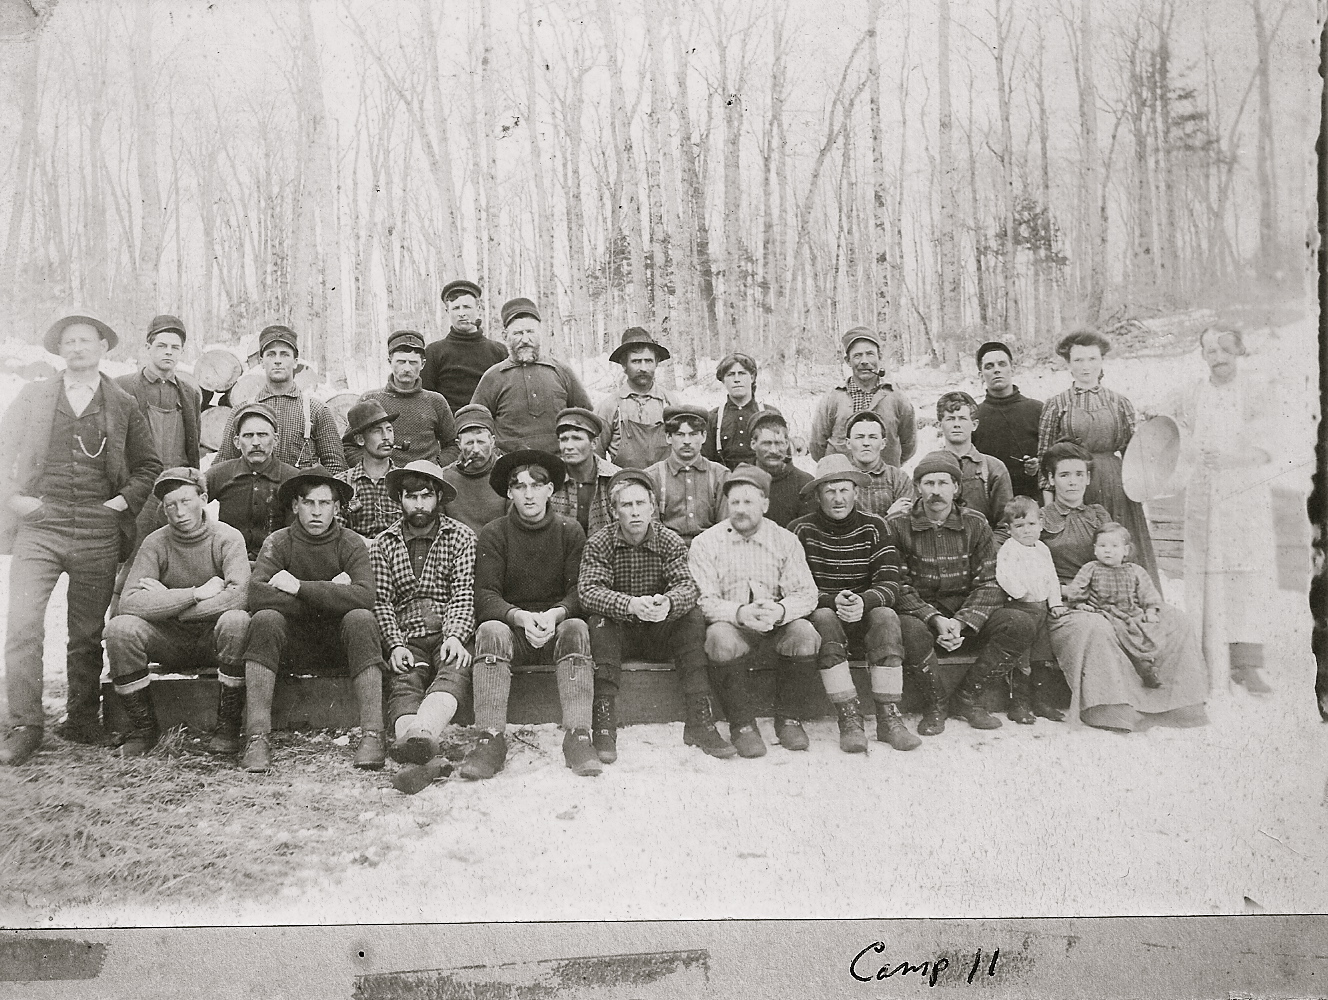 Harrietta Area Camp 11